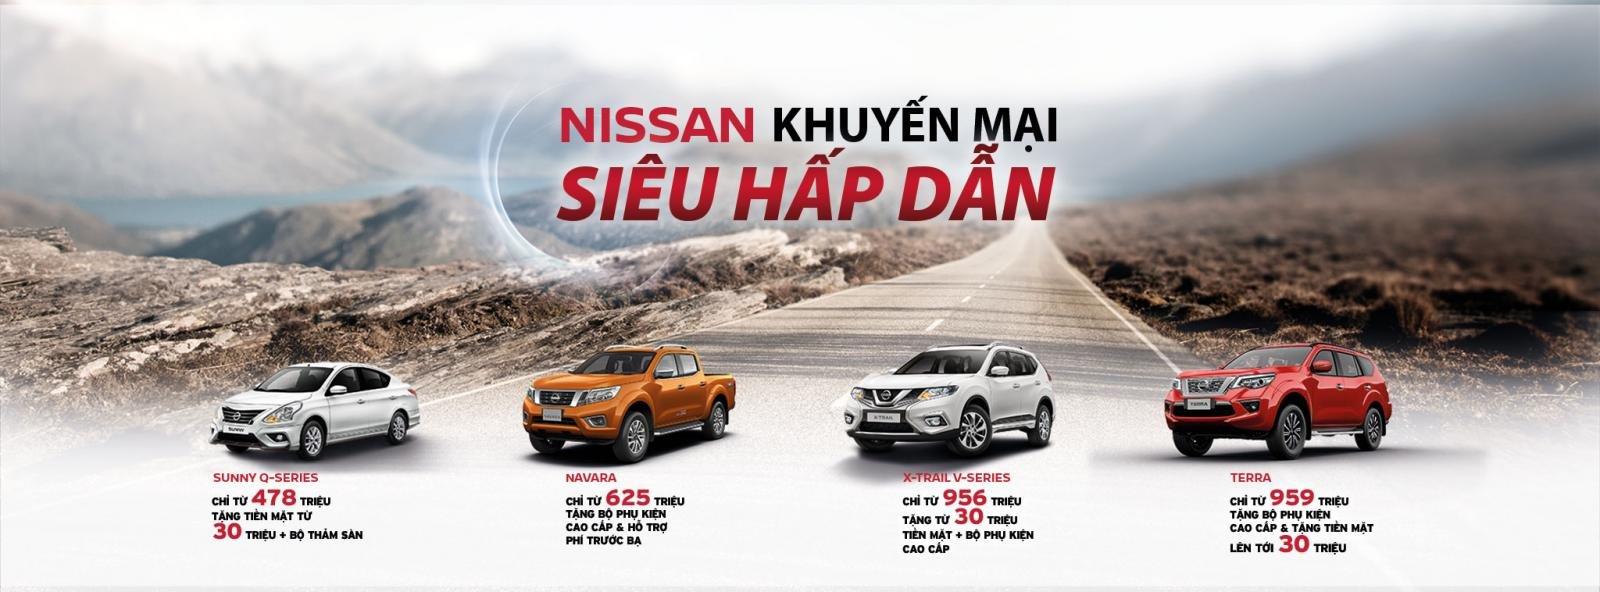 Nissan Việt Nam khuyến mại đồng loạt cao nhất 30 triệu đồng a1